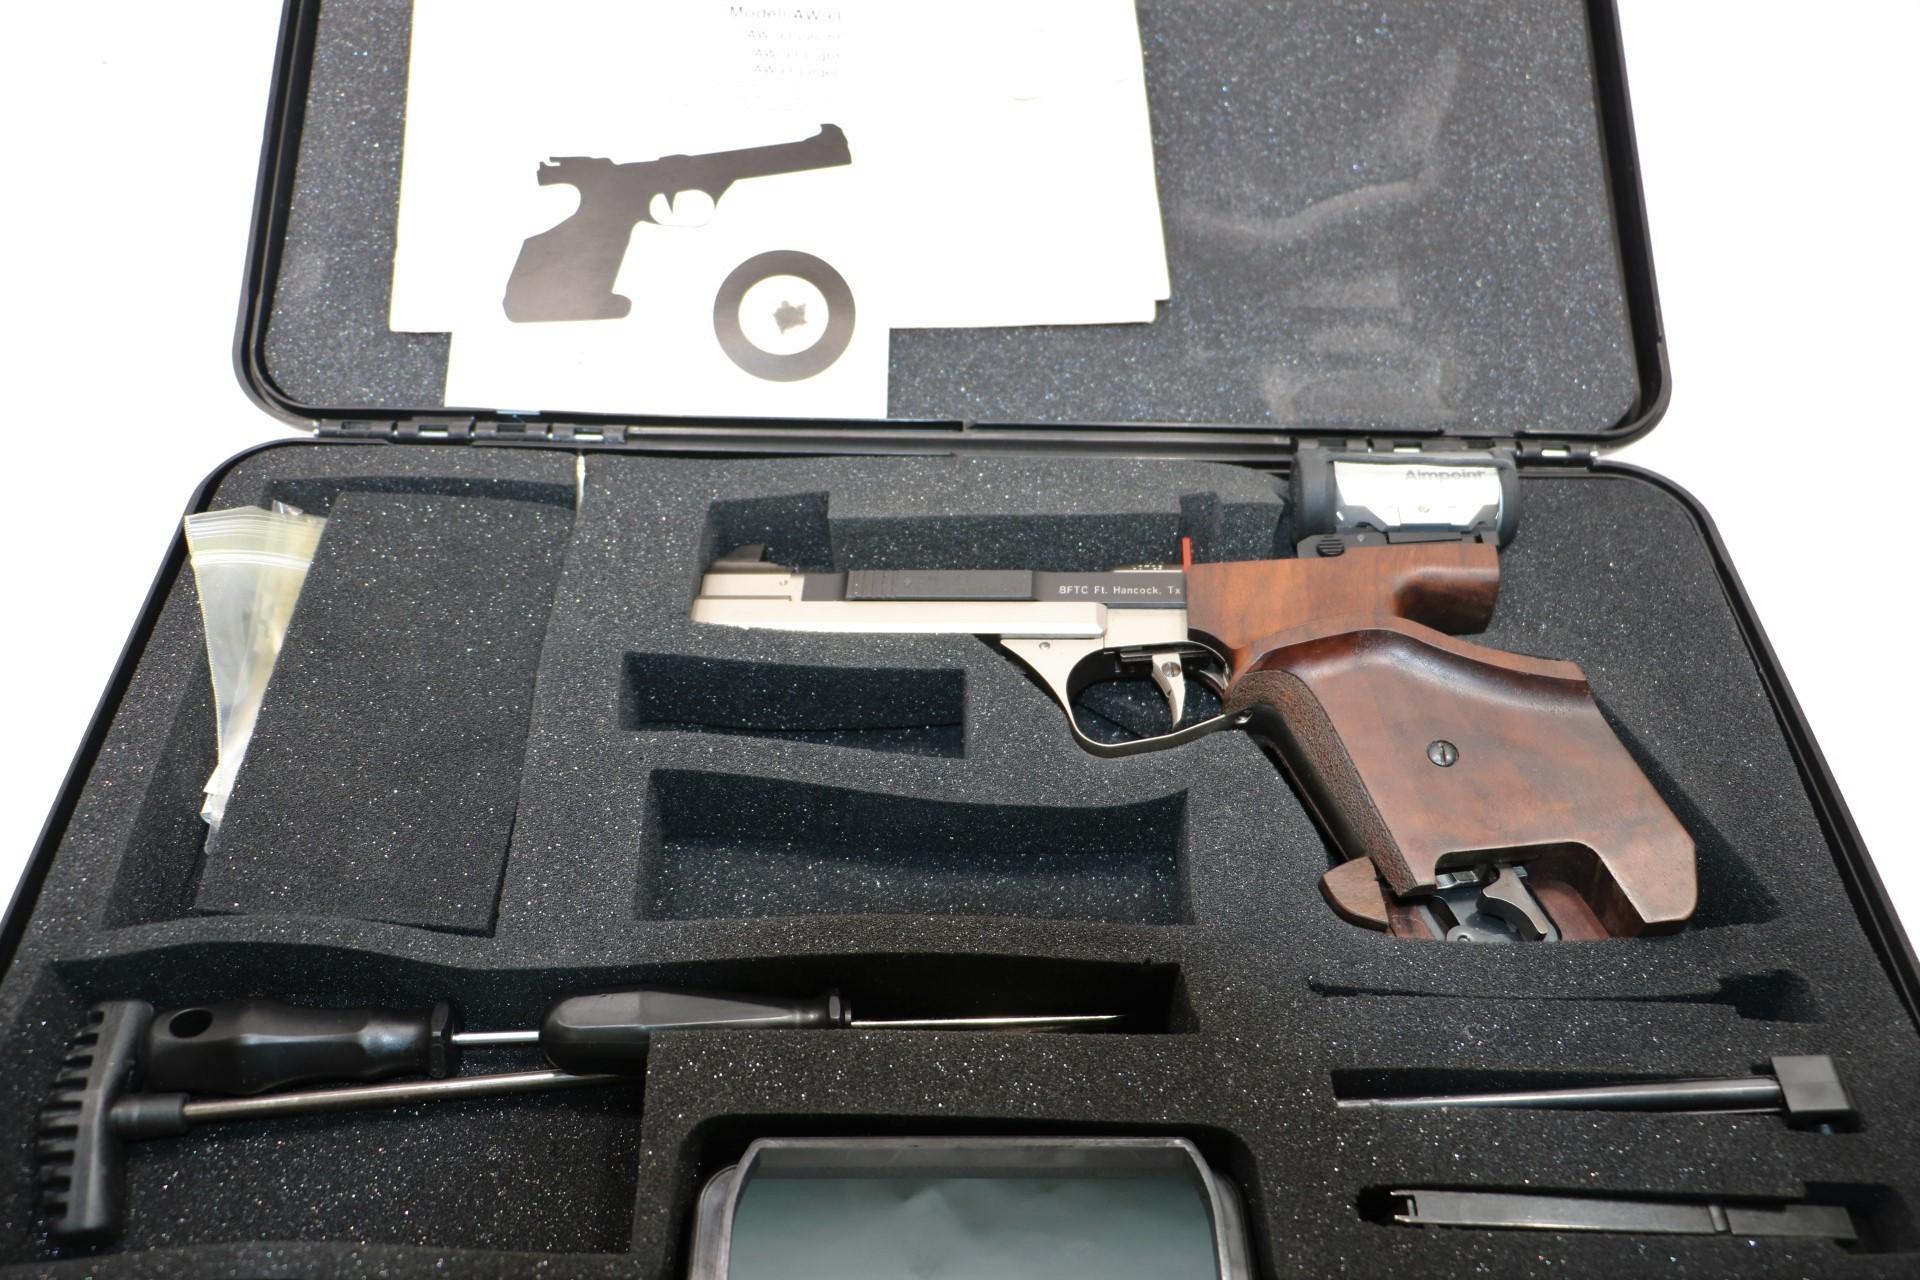 Feinwerkbau AW93 22 LR Match Pistol w/Optic & More - Semi